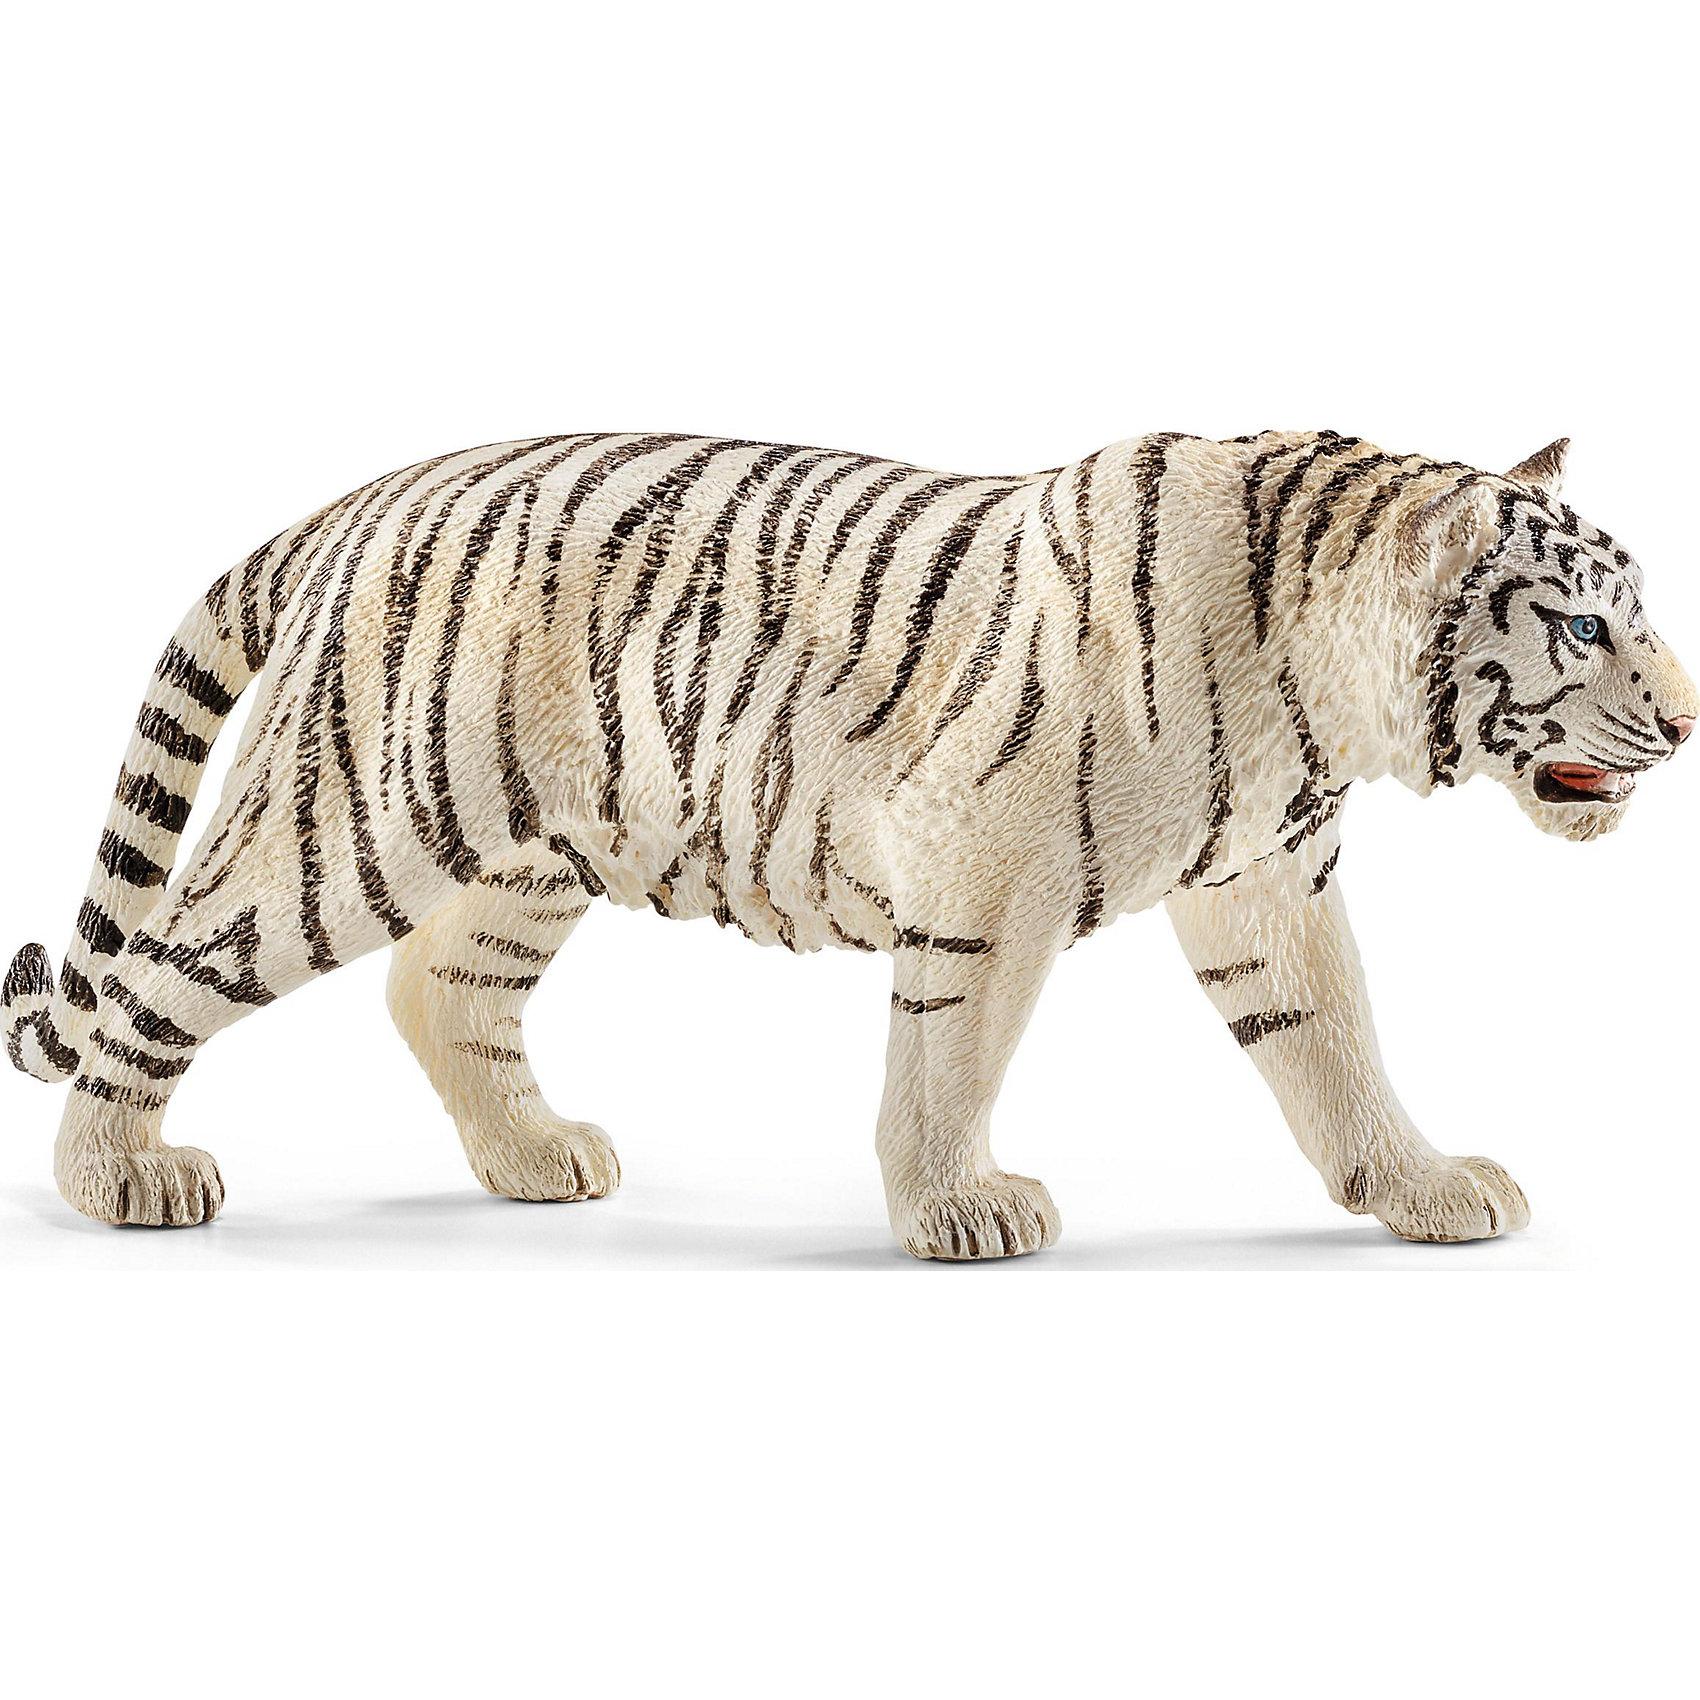 Тигр белый, SchleichМир животных<br>Тигр белый, Schleich (Шляйх) – это высококачественная коллекционная и игровая фигурка.<br>Фигурка Тигра белого прекрасно разнообразит игру вашего ребенка и станет отличным пополнением коллекции его фигурок животных. Белые тигры невероятно красивые и редкие животные. Отдельным подвидом не считаются. Альбиносами их тоже считать нельзя - иначе плоски тоже должны быть белыми.  А у этого тигра белая шкура, чёрные полосы и всегда голубые глаза. Как правило, белые тигры мельче обычных бенгальских. Белые тигры остались только в зоопарках. Печально, но последний белый тигр в природе был застрелен в 1958 году. <br>Прекрасно выполненные фигурки Schleich (Шляйх) являются максимально точной копией настоящих животных и отличаются высочайшим качеством игрушек ручной работы. Каждая фигурка разработана с учетом исследований в области педагогики и производится как настоящее произведение для маленьких детских ручек. Все фигурки Schleich (Шляйх) сделаны из гипоаллергенных высокотехнологичных материалов, раскрашены вручную и не вызывают аллергии у ребенка.<br><br>Дополнительная информация:<br><br>- Размер фигурки: 6 x 13 x 3 см.<br>- Материал: высококачественный каучуковый пластик<br><br>Фигурку Тигра белого, Schleich (Шляйх) можно купить в нашем интернет-магазине.<br><br>Ширина мм: 132<br>Глубина мм: 86<br>Высота мм: 32<br>Вес г: 72<br>Возраст от месяцев: 36<br>Возраст до месяцев: 96<br>Пол: Унисекс<br>Возраст: Детский<br>SKU: 3902538